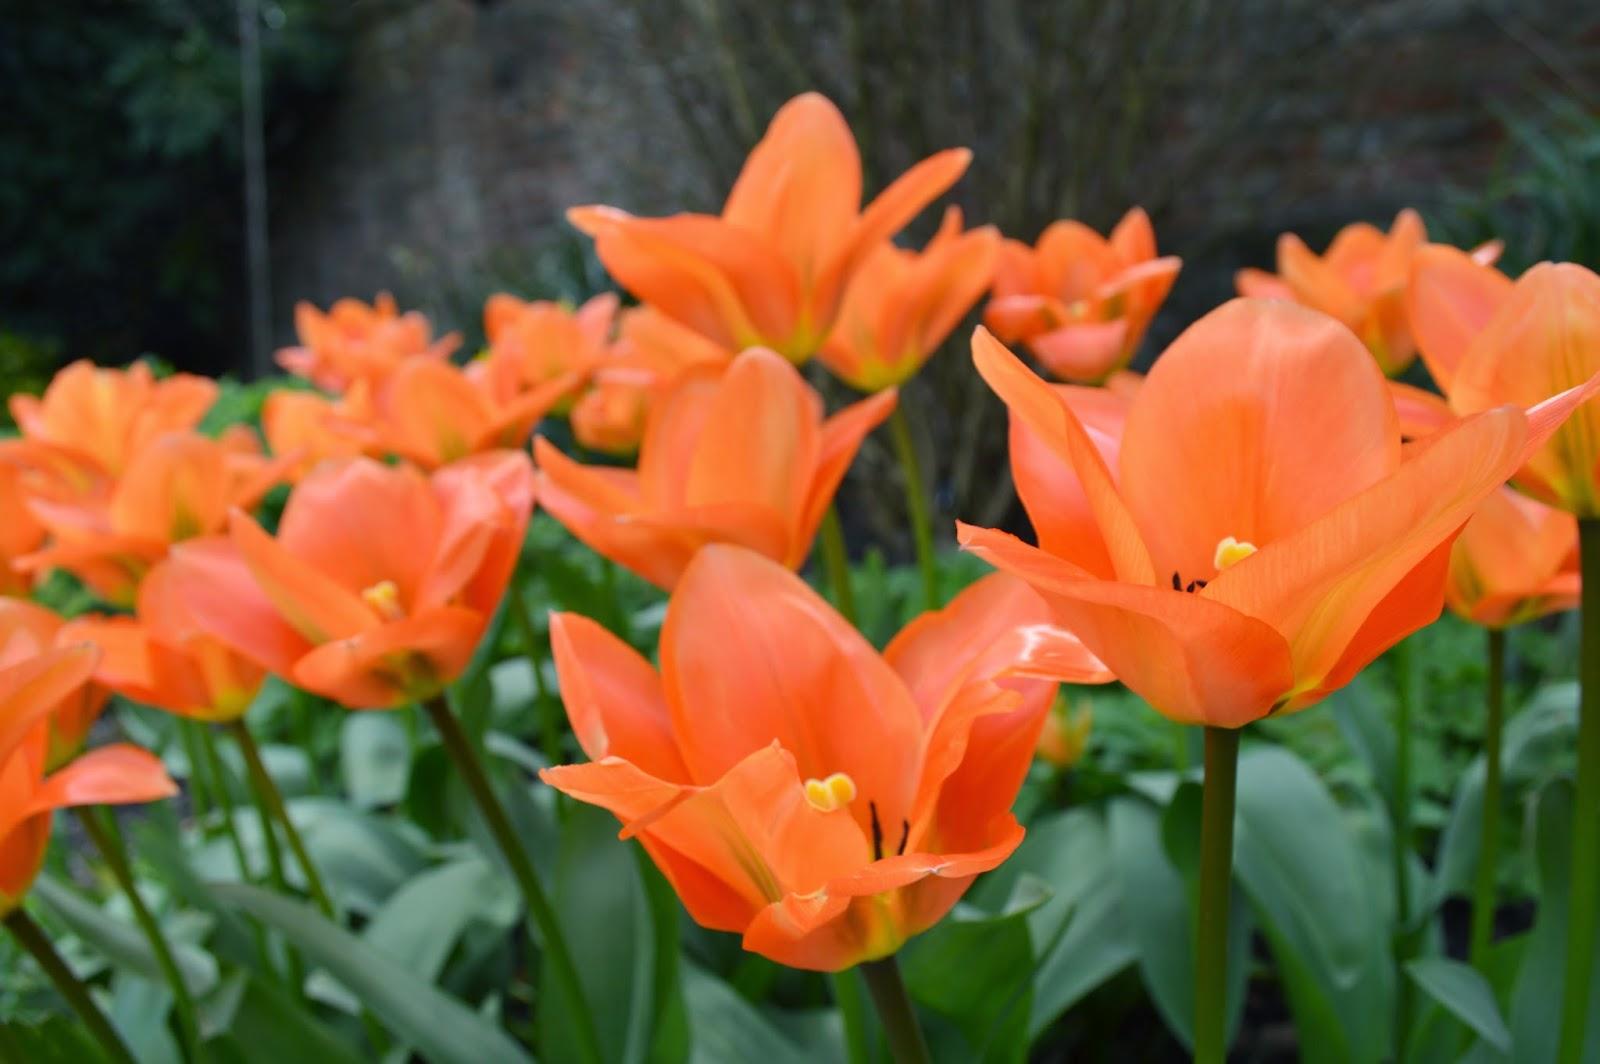 lots of orange flowers, pretty, field, garden, photograph